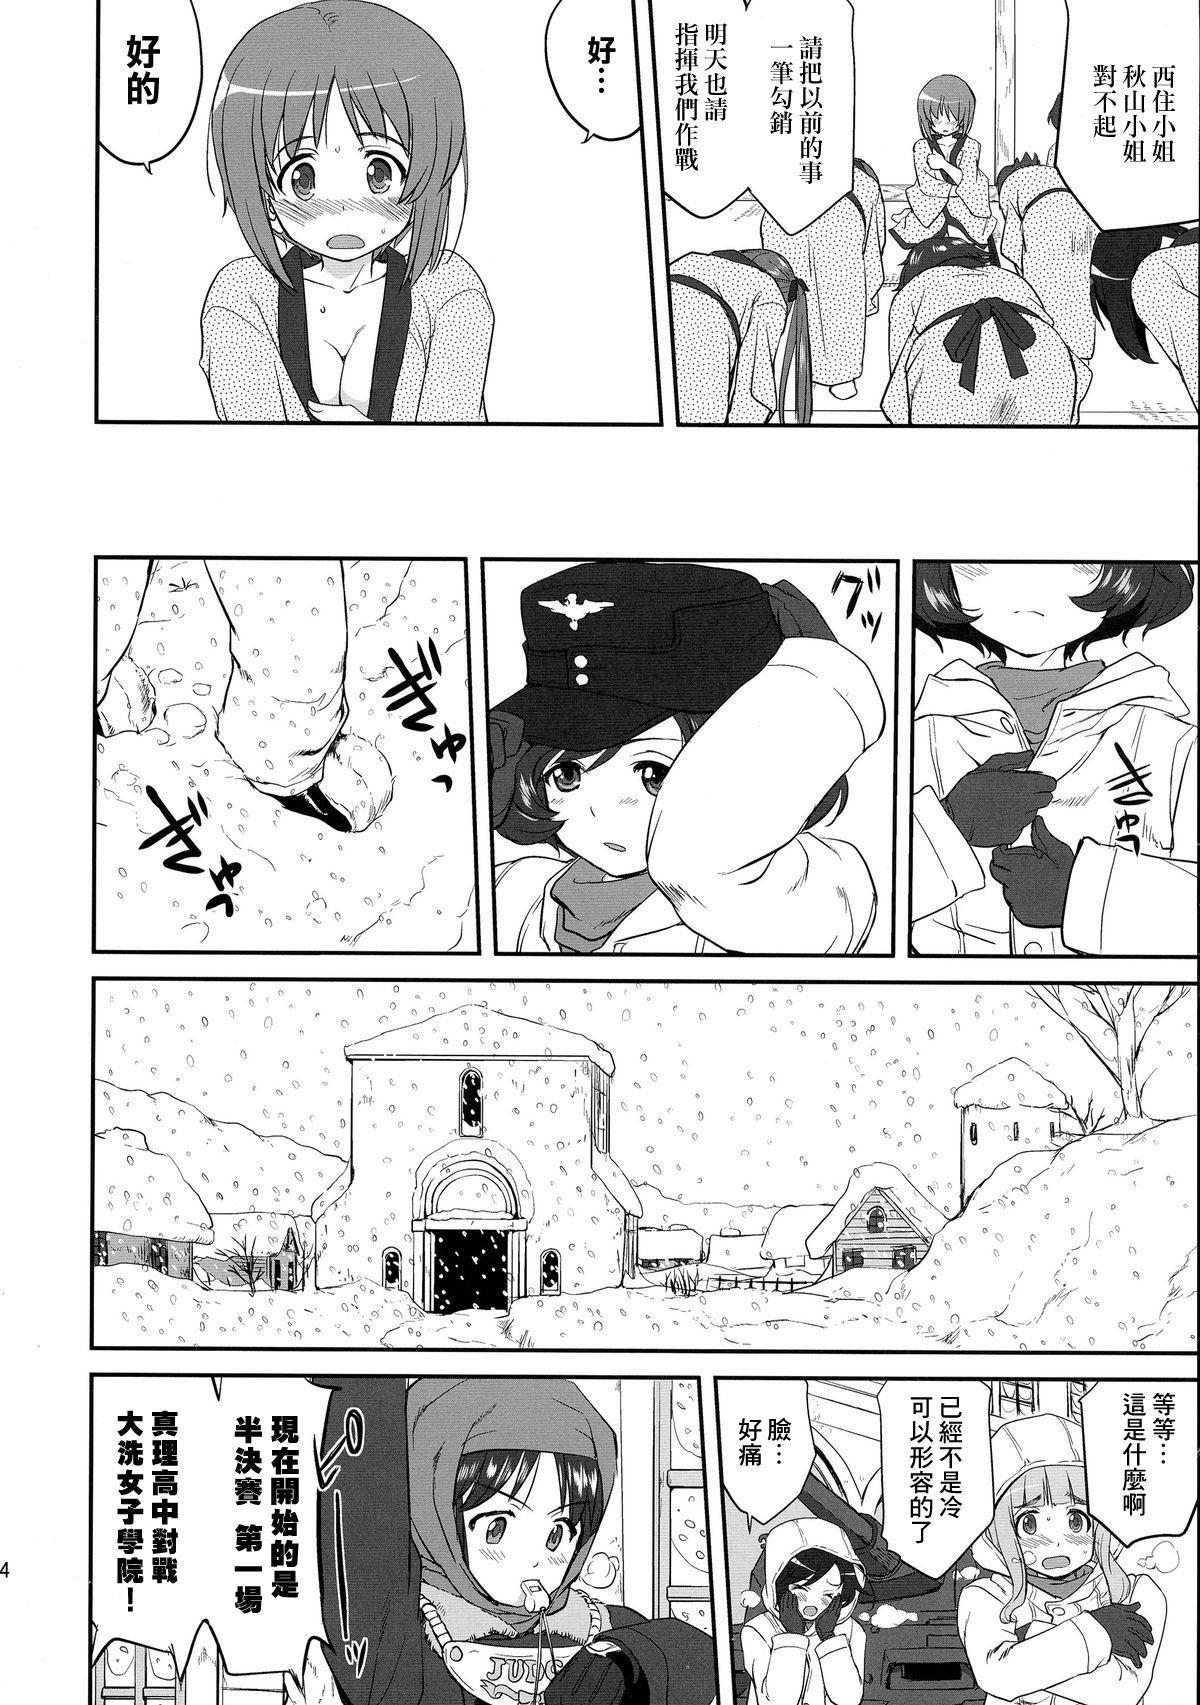 Yukiyukite Senshadou Battle of Pravda 33